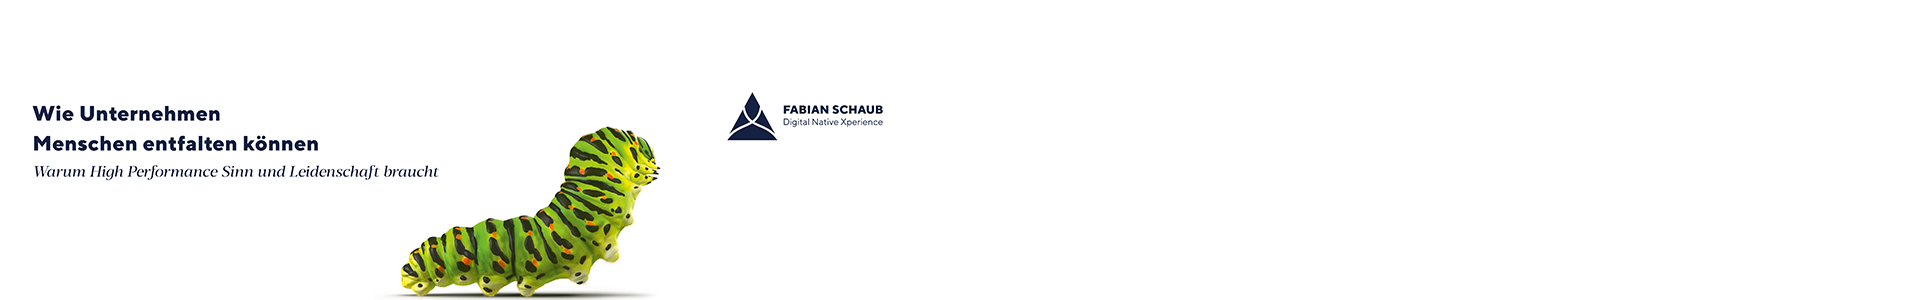 Expert Marketplace - Fabian Schaub